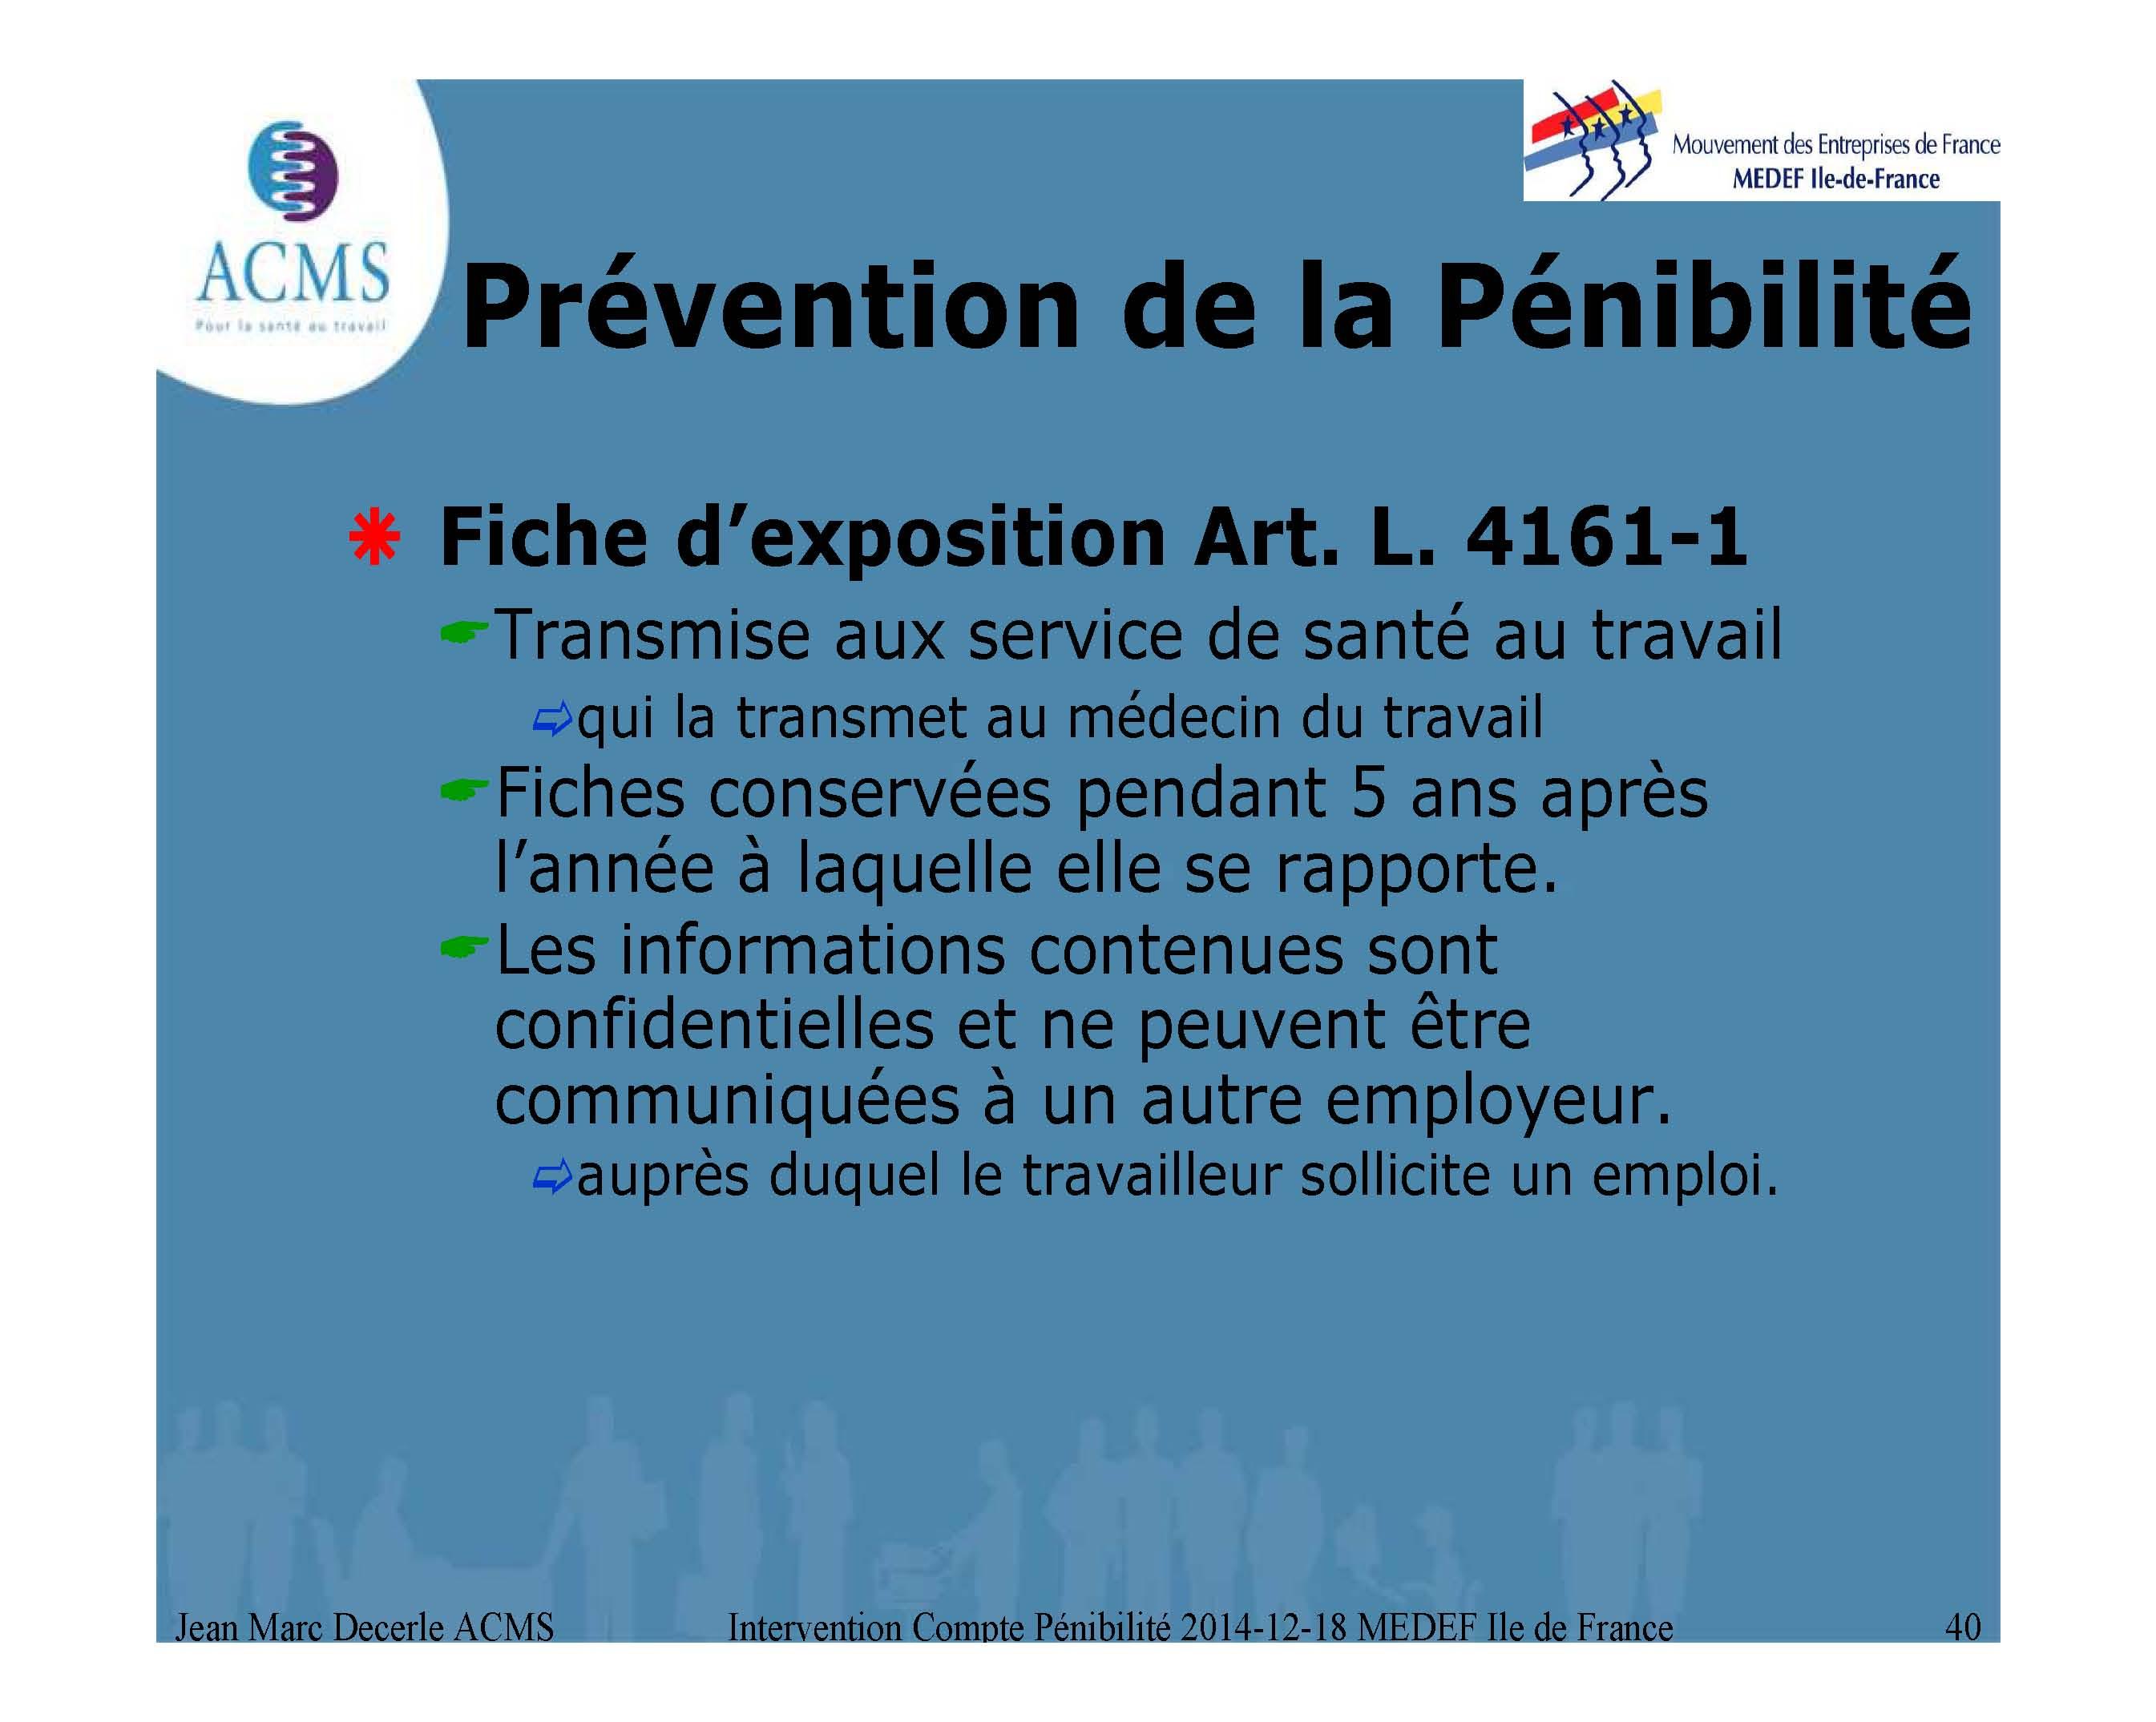 2014-12-18 Compte Pénibilite MEDEF Ile de France_Page_40